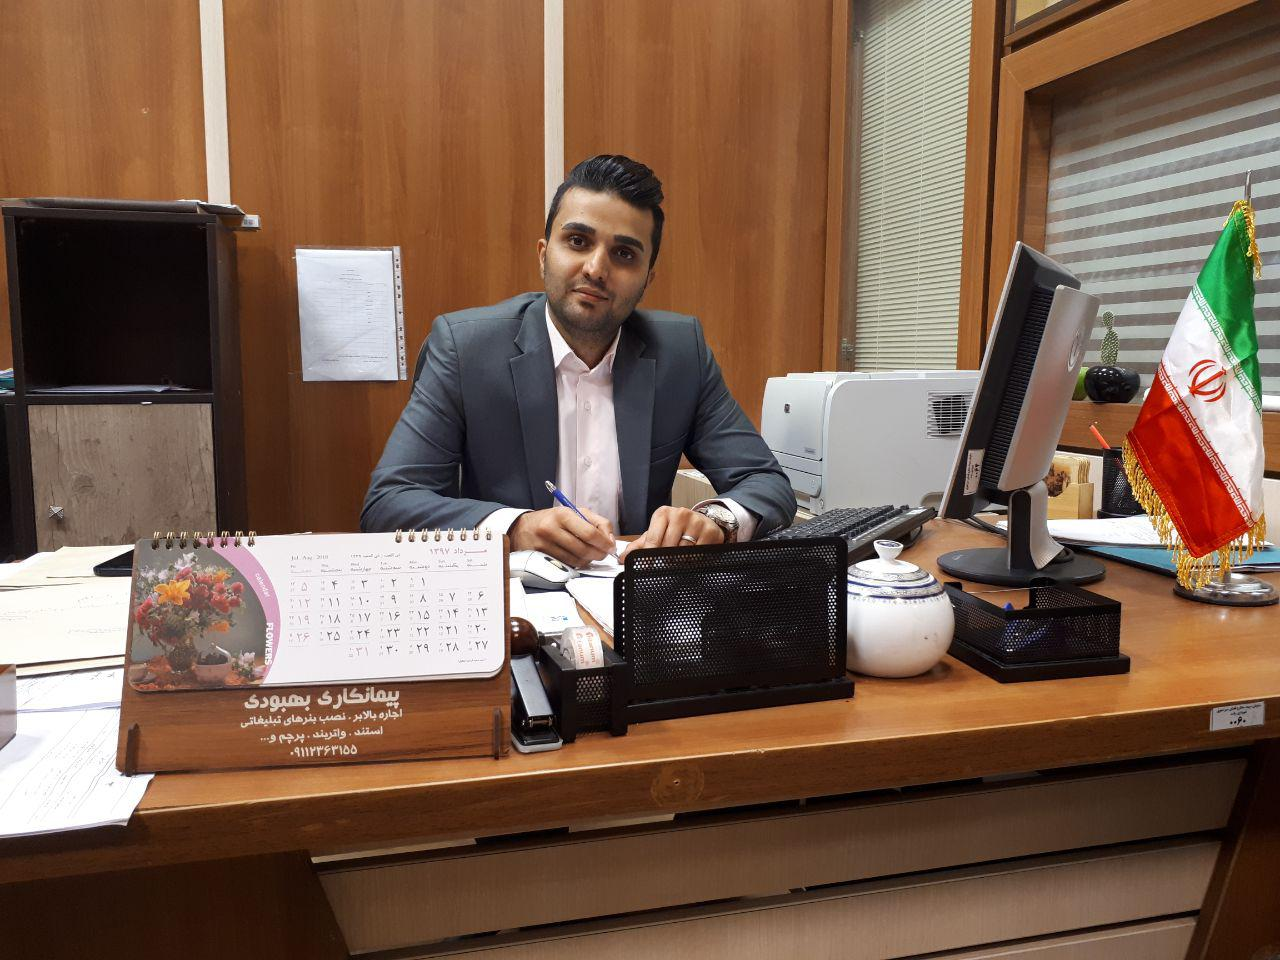 انتصاب تایماز رضابخش به عنوان مسئول روابط عمومی هیات چوگان شهرستان رشت